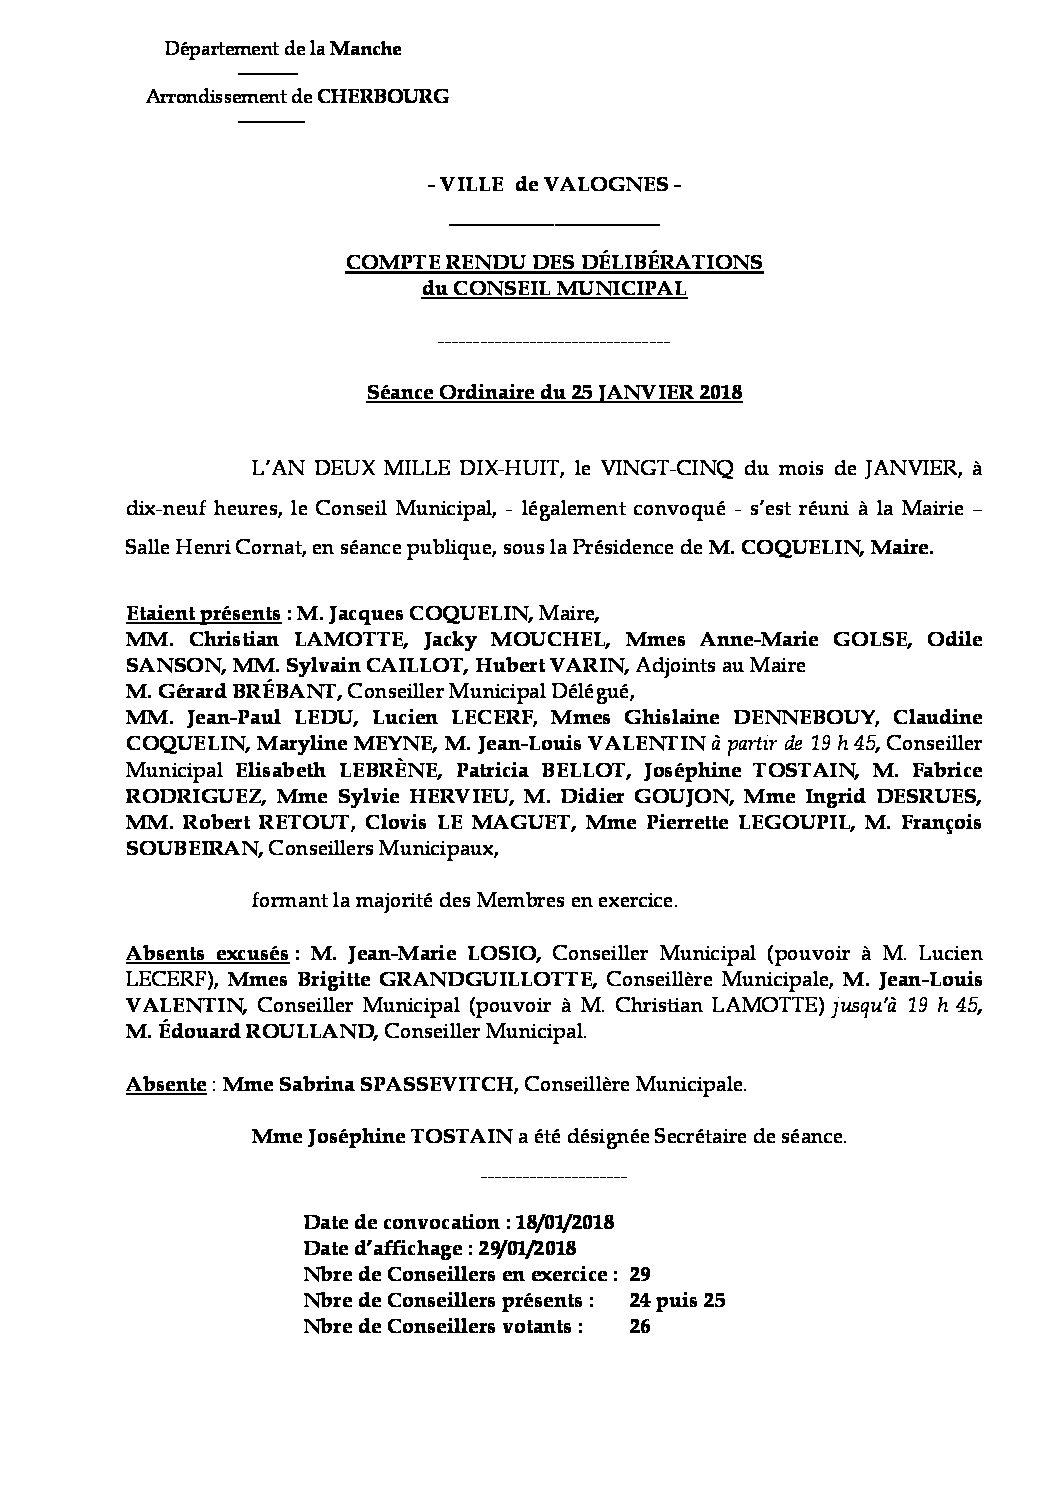 Extrait du registre des délibérations du 25-01-2018 - Compte rendu synthétique des délibérations du Conseil Municipal du 25 janvier 2018.